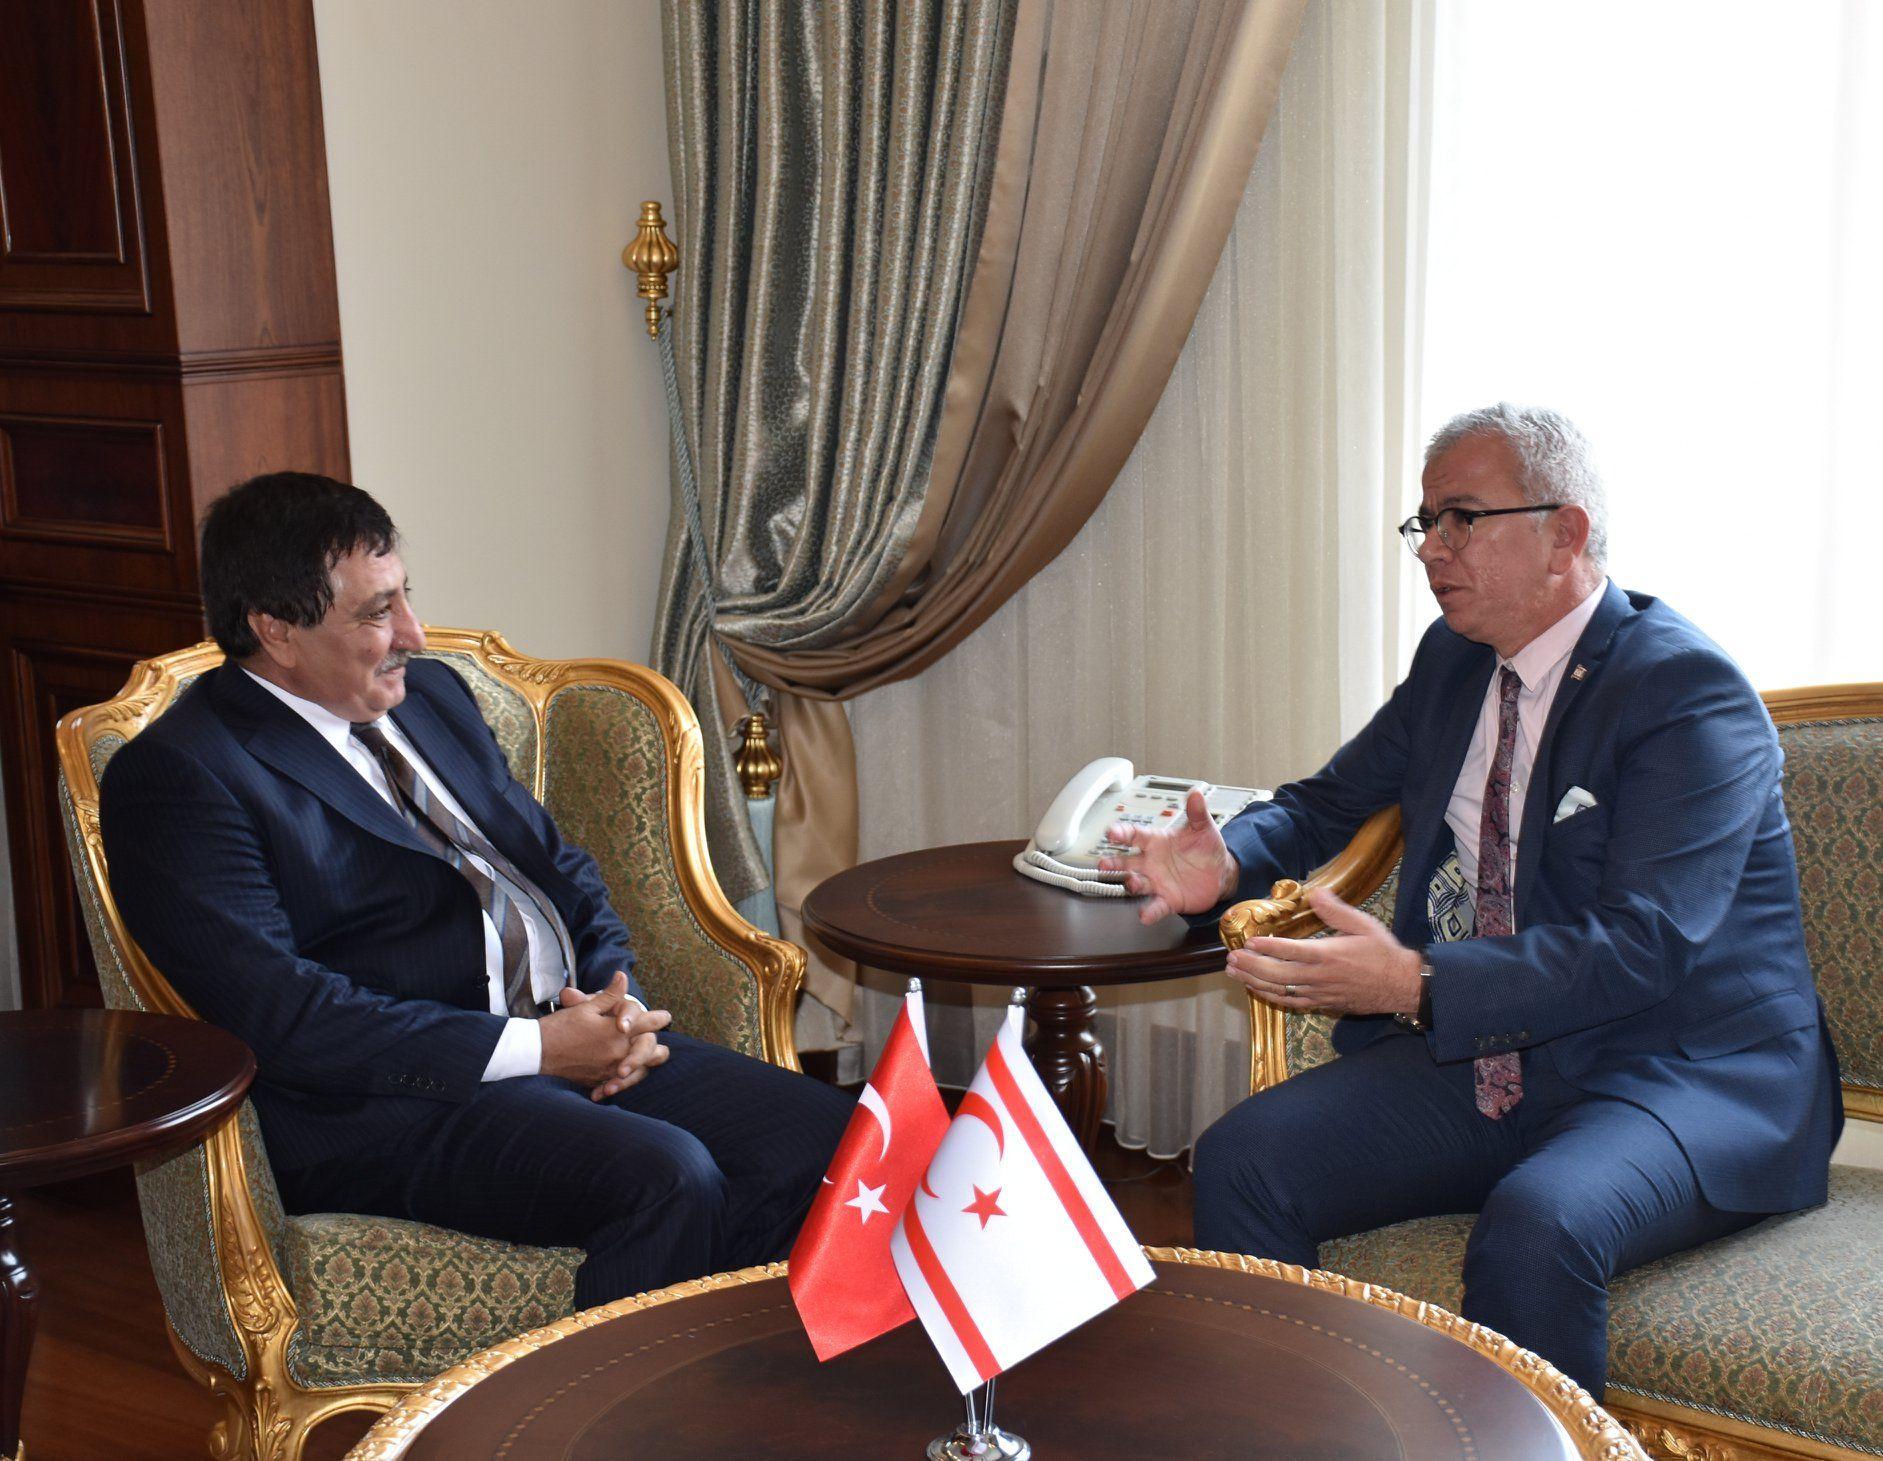 ТРСК и Бурса будут сотрудничать в сфере туризма